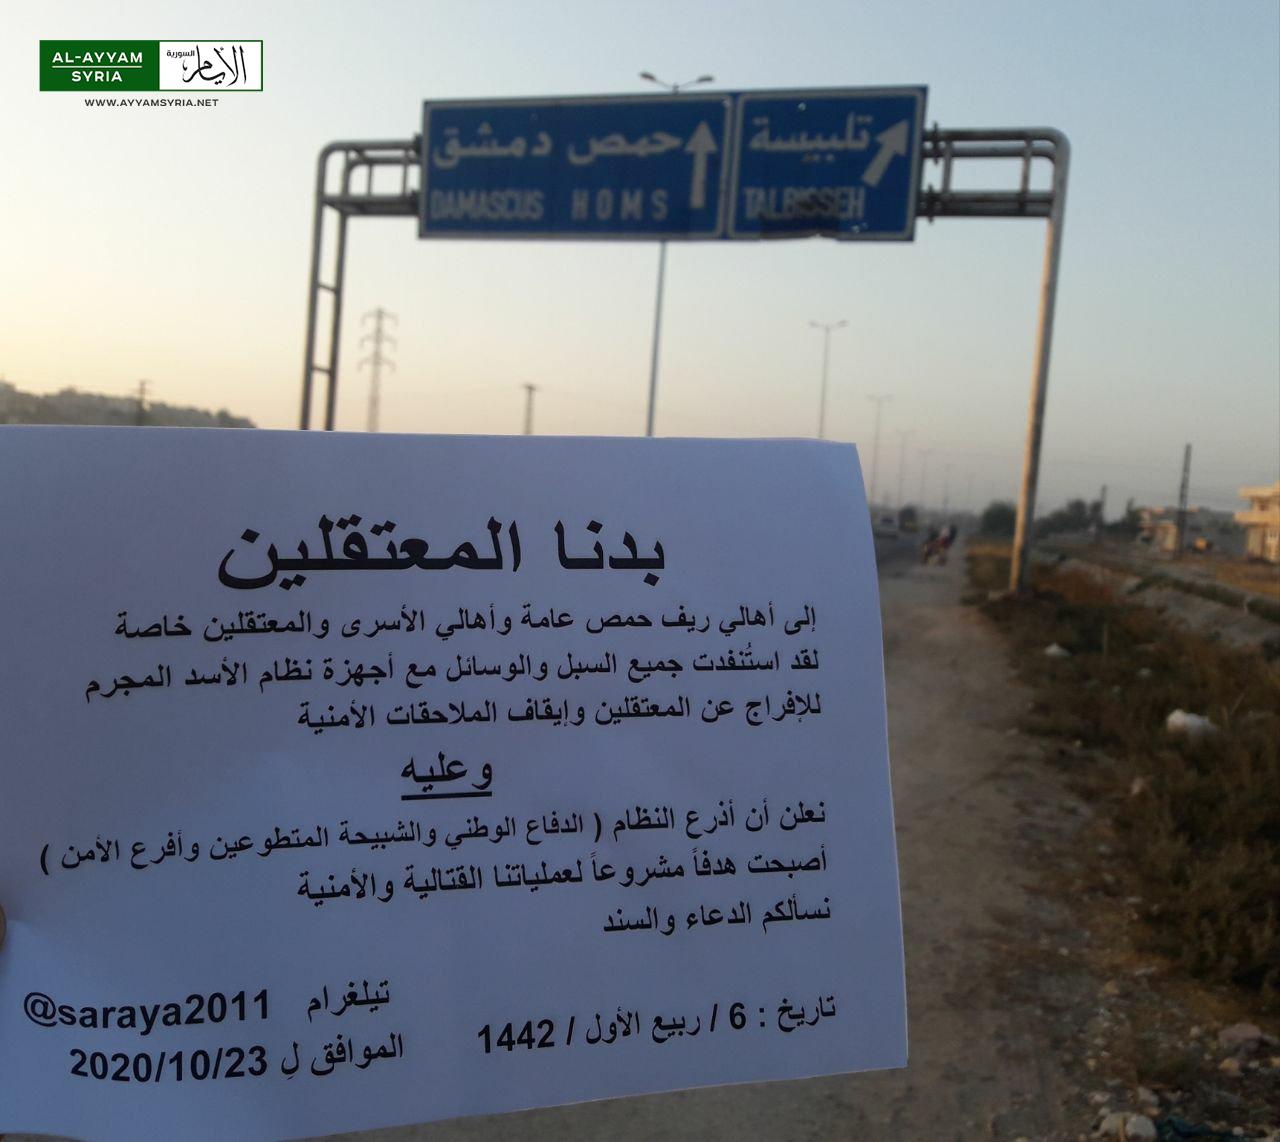 سرايا ٢٠١١ تشكيل جديد يهدد مخابرات الأسد شمال حمص